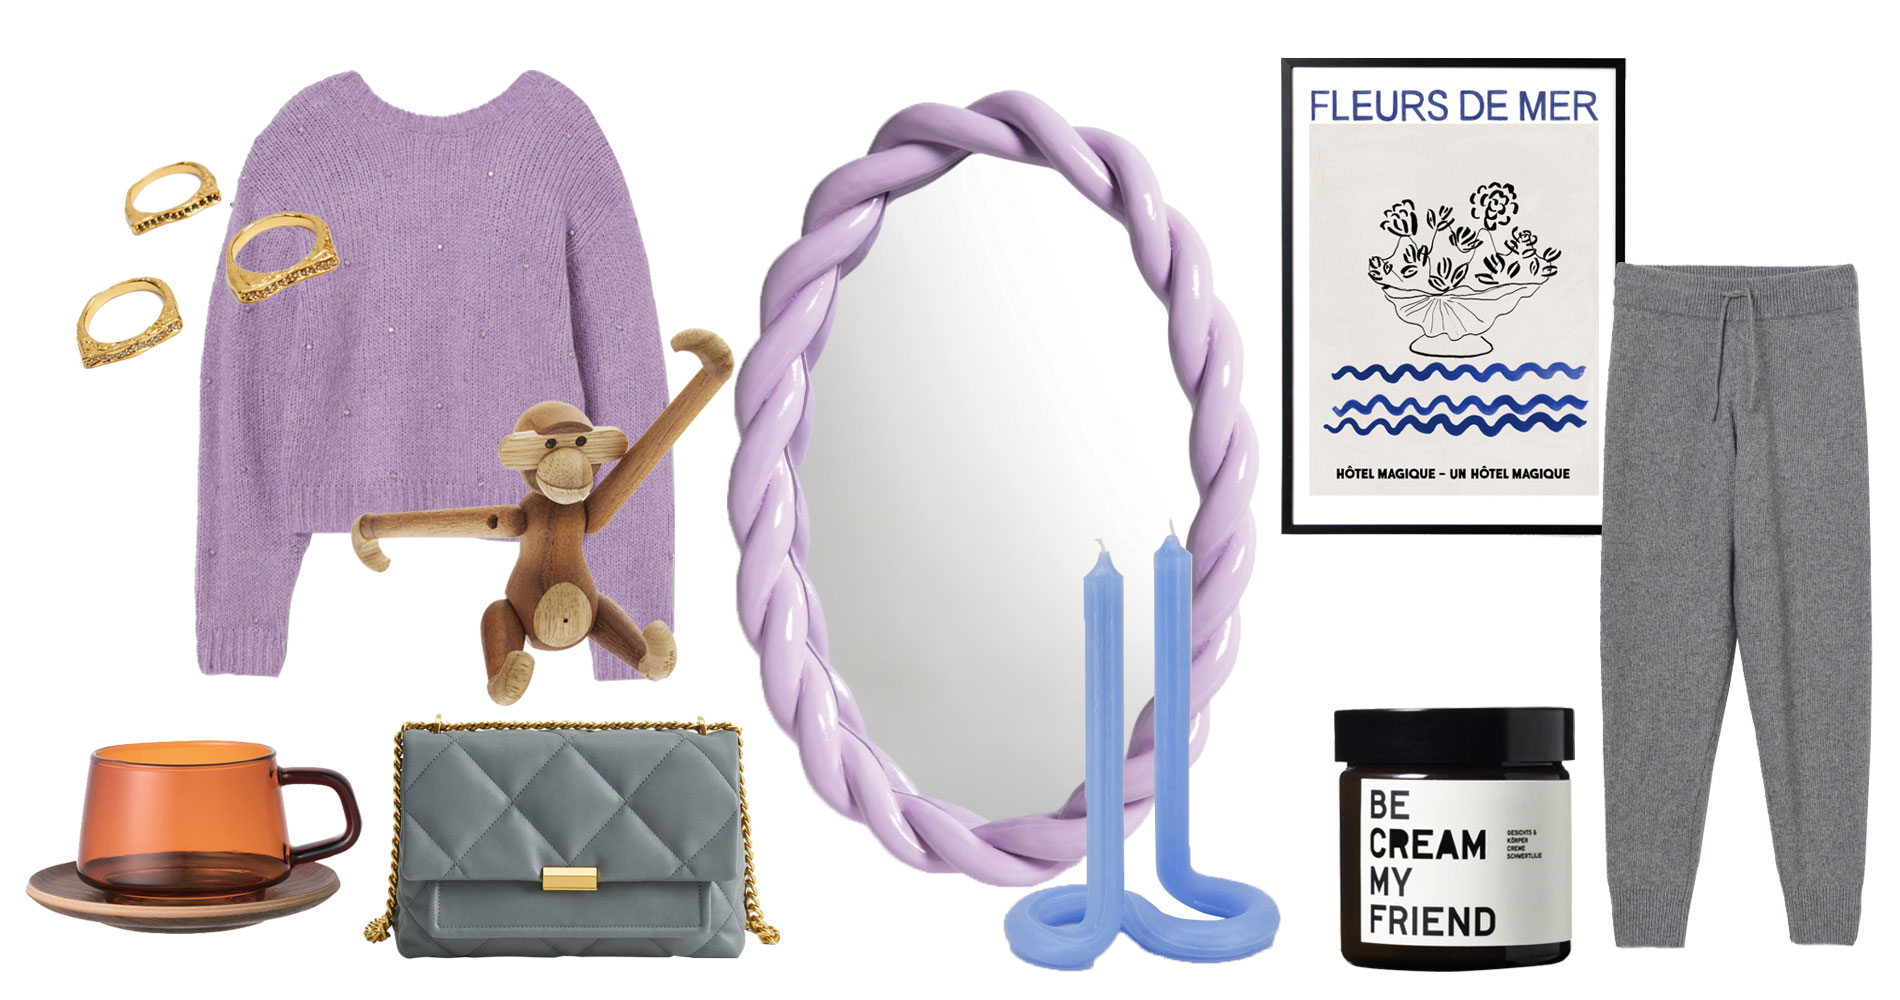 Geschenke bis 50 Euro, Gift Guide, Weihnachtsgeschenke, Geschenkideen zu Weihnachten, Weihnachten, Geschenke